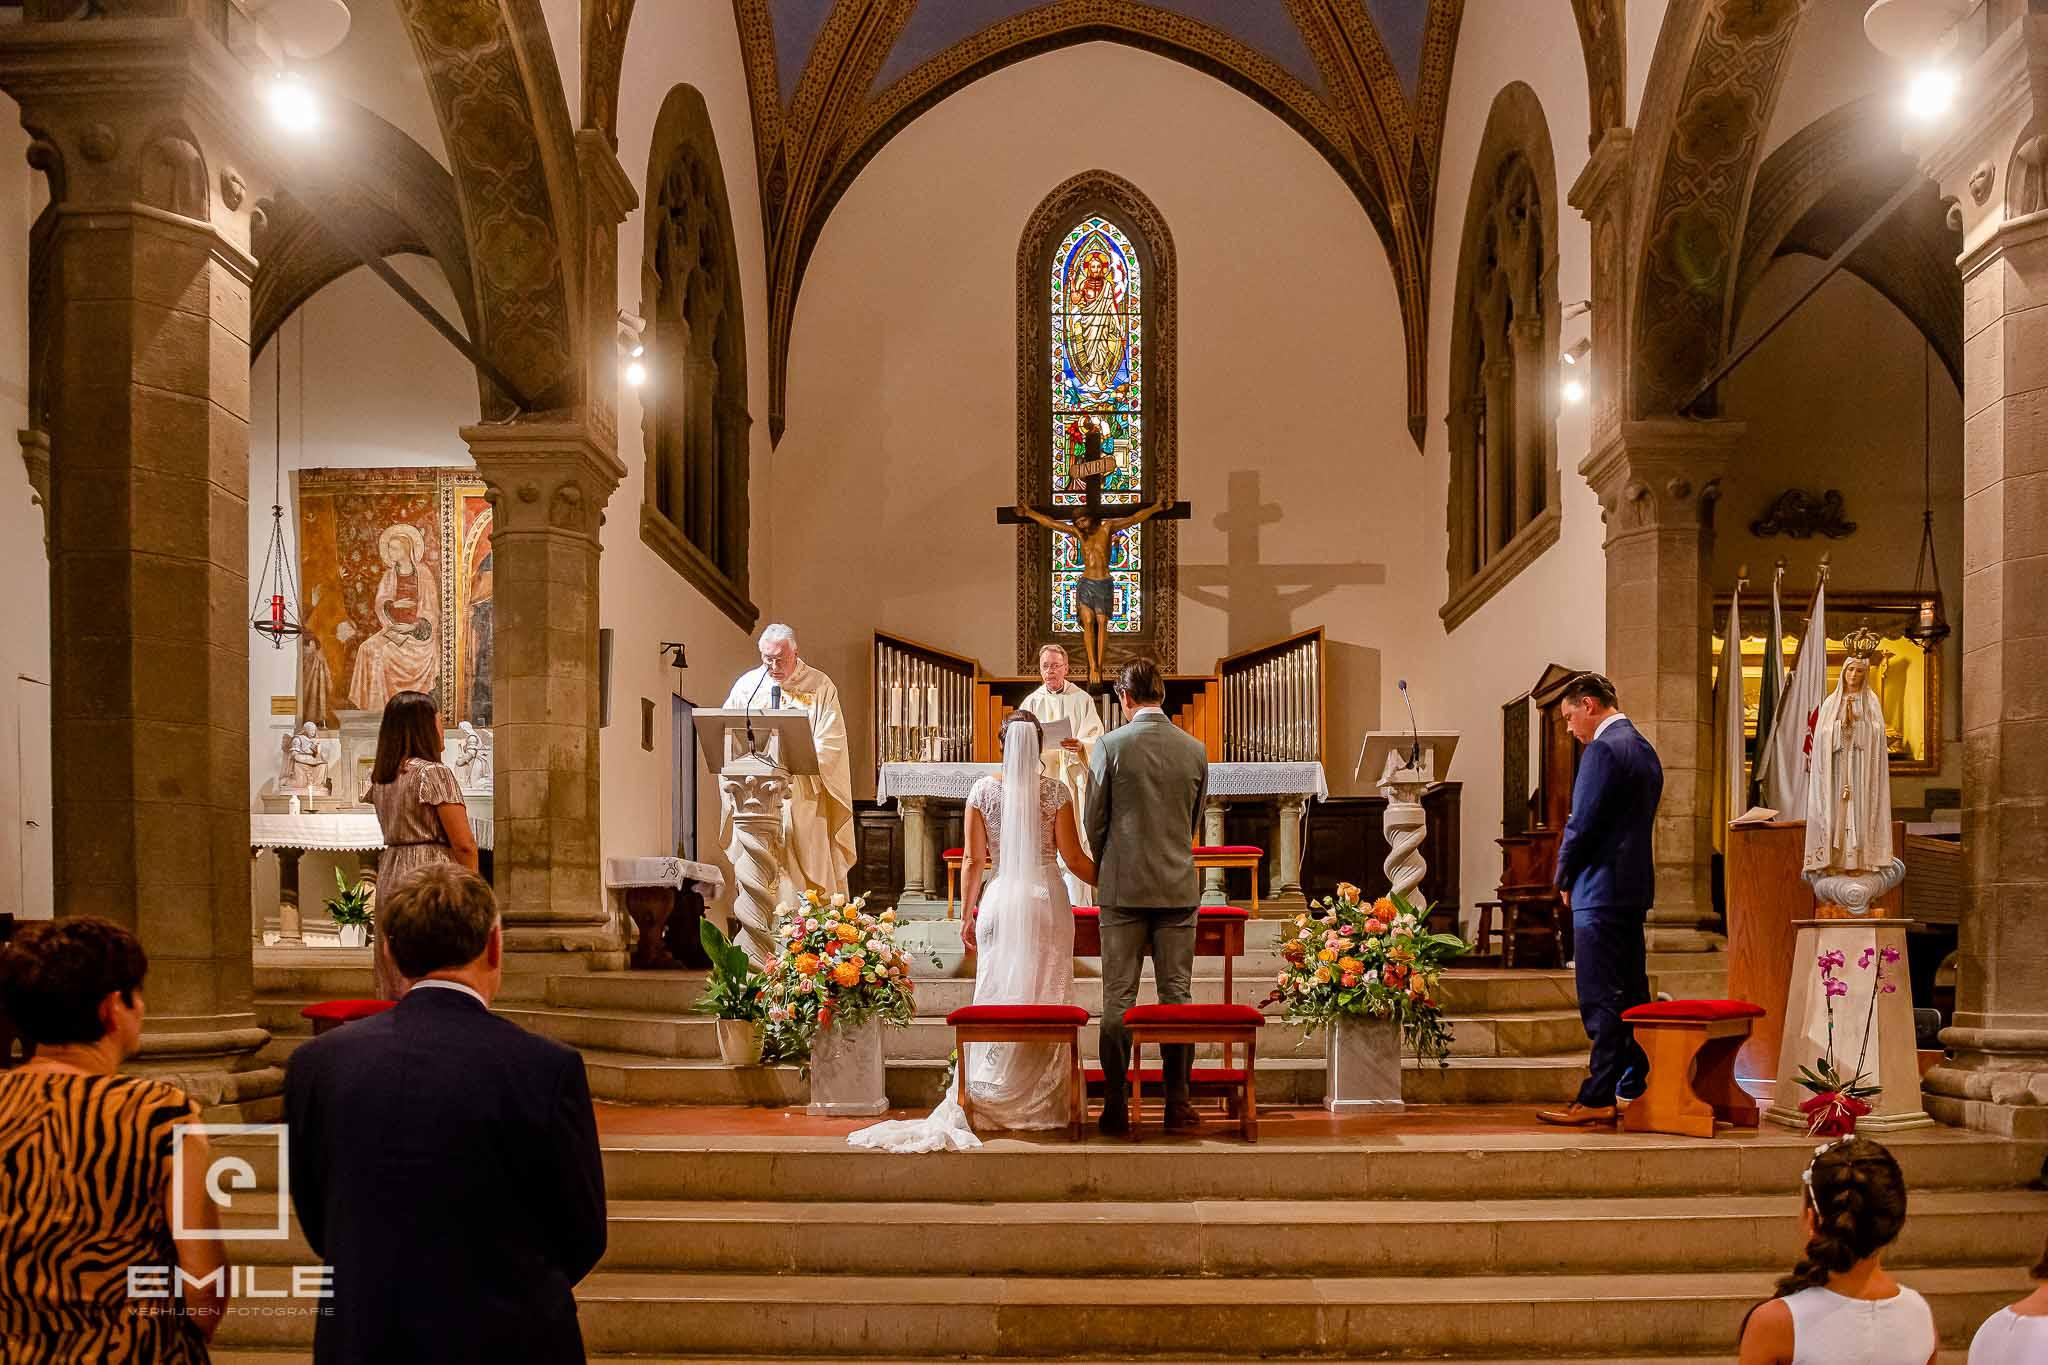 Bruidspaar staand bij het altaar - Destination wedding San Gimignano - Toscane Italie - Iris en Job